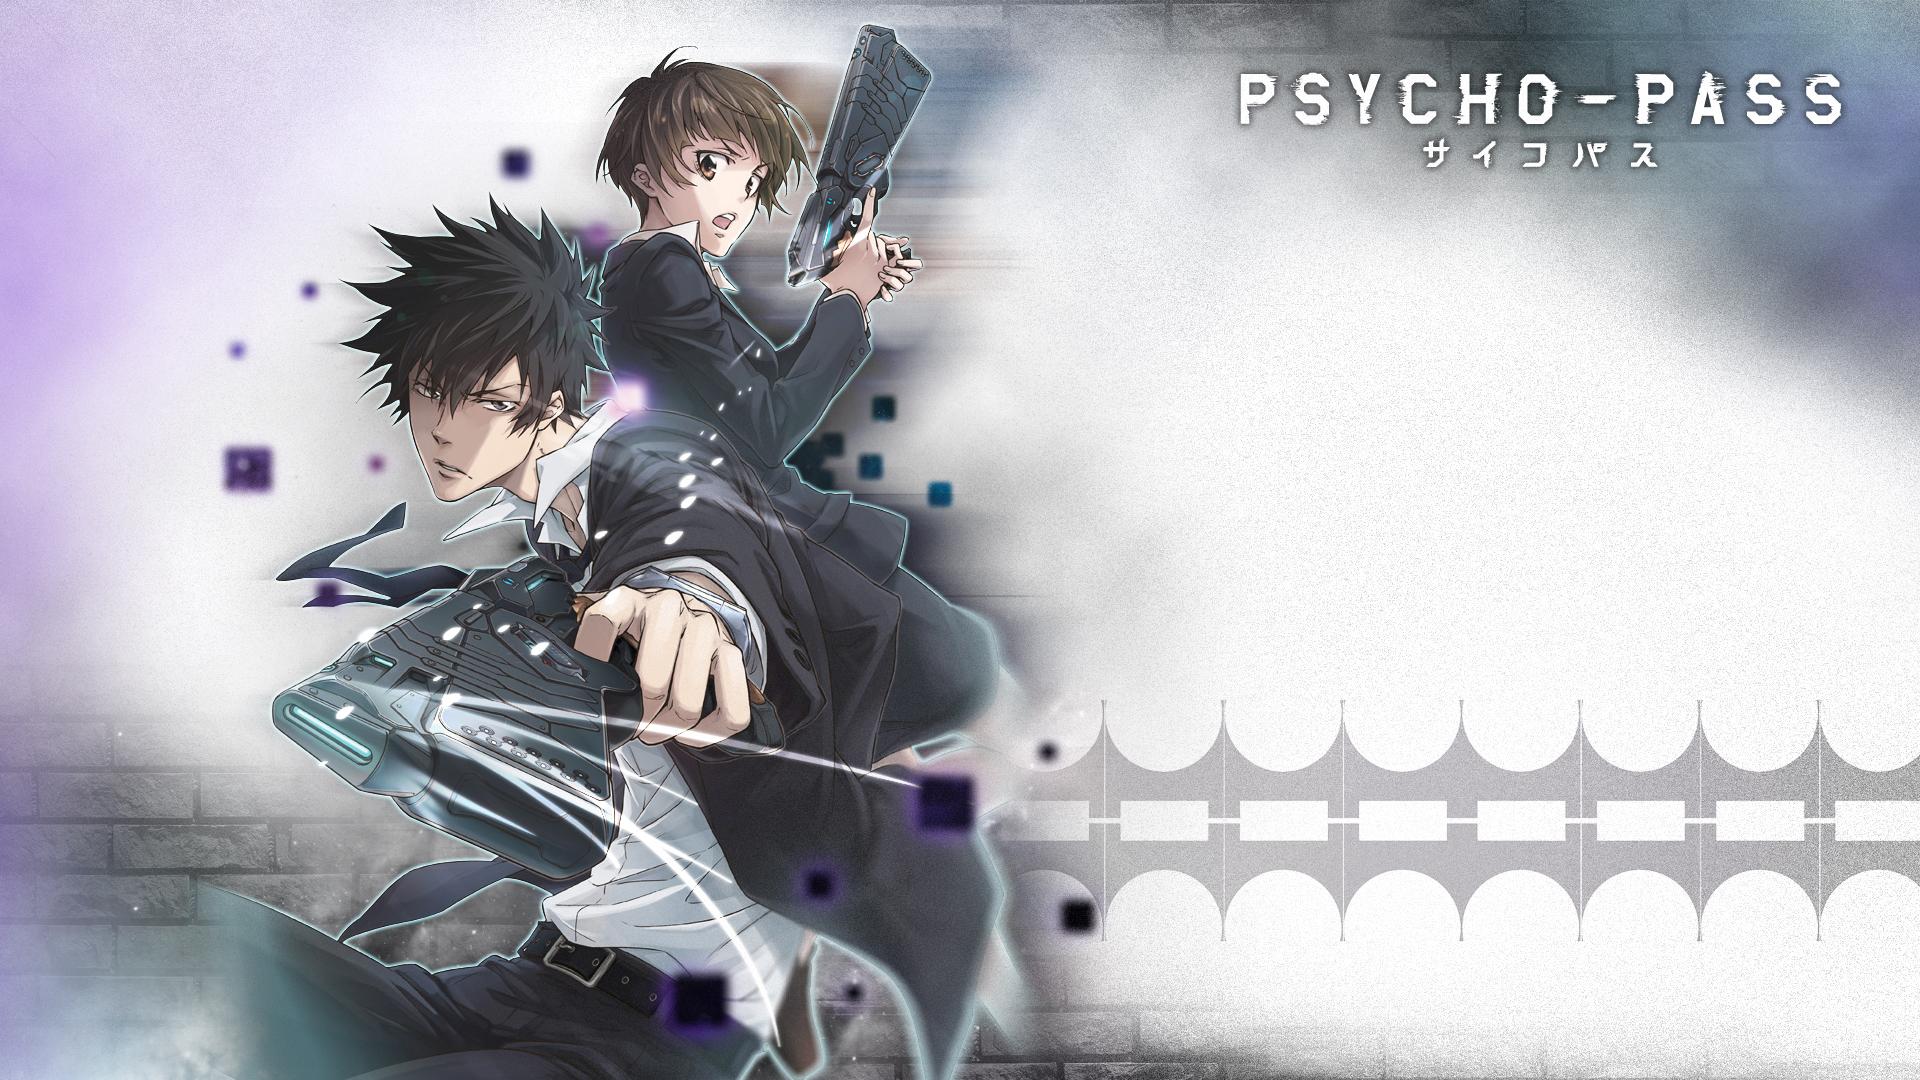 Psycho Pass   Dream Team Computer Wallpapers Desktop Backgrounds 1920x1080